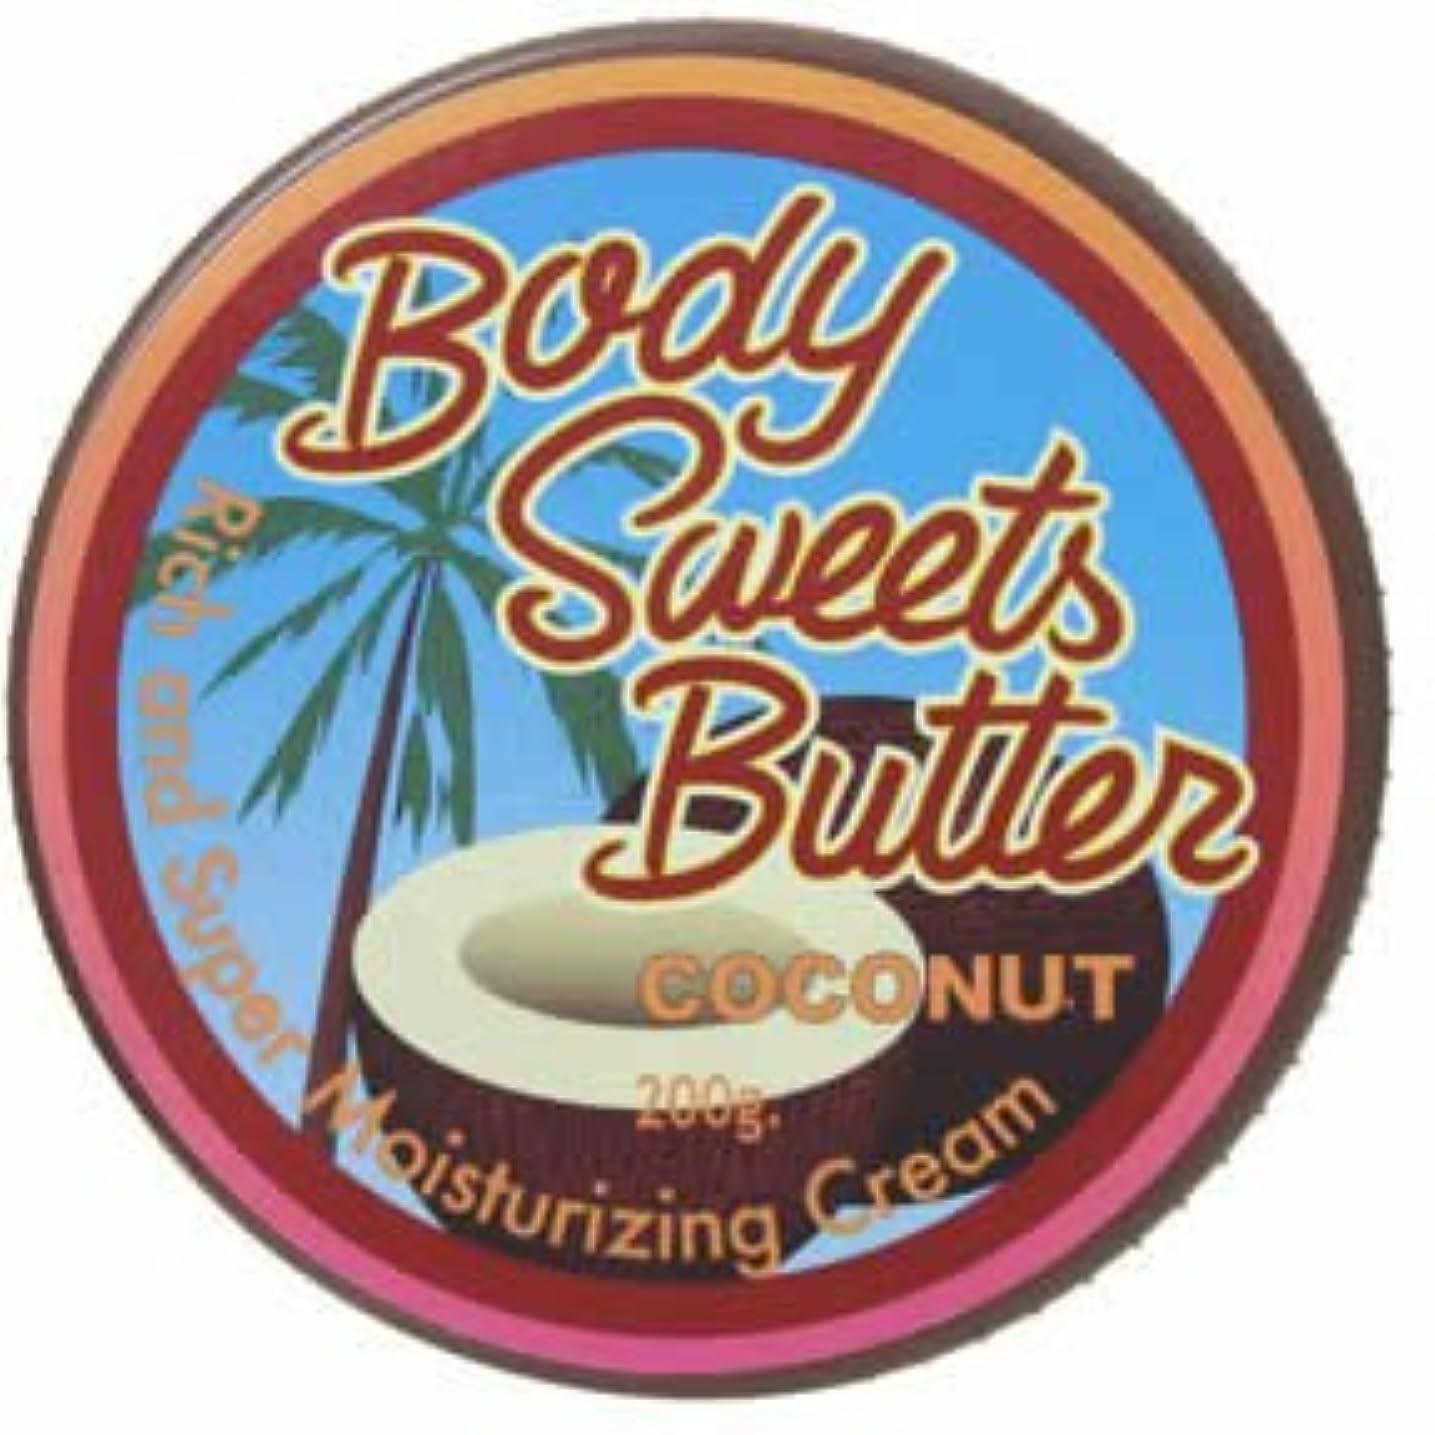 同化日記を必要としていますミニード ボディスイーツバター ココナッツ 200g